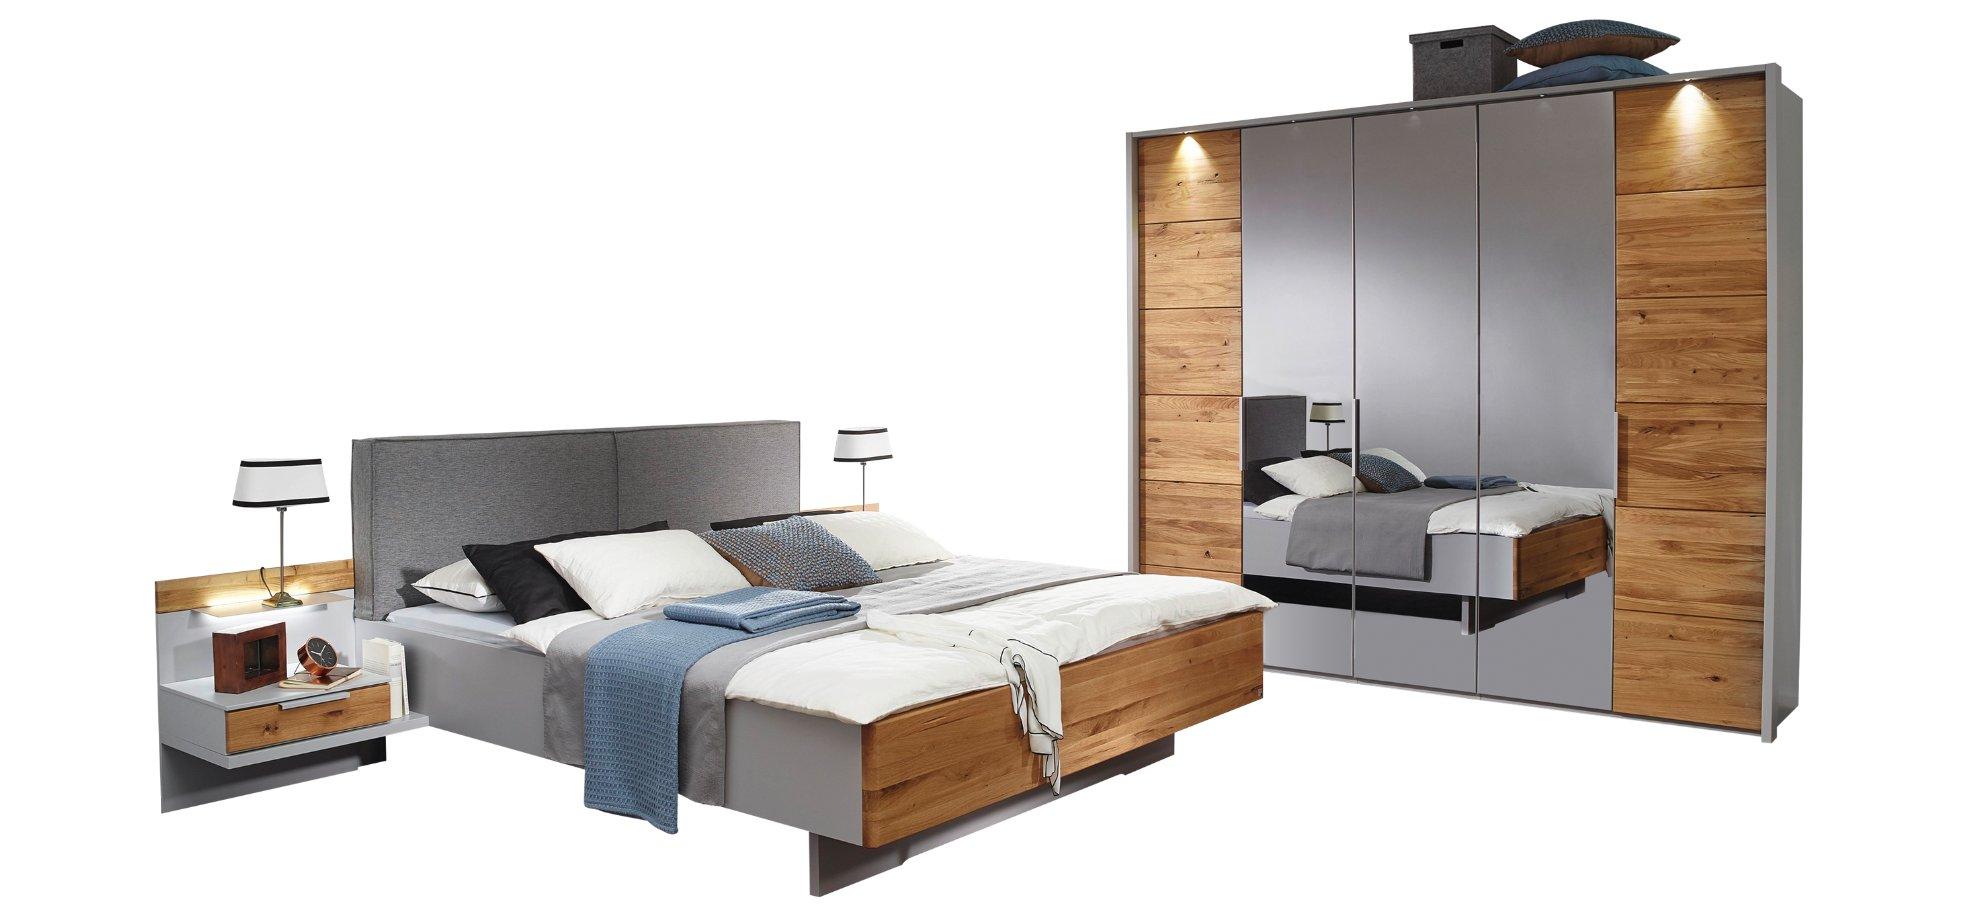 Full Size of Schlafzimmer Komplettangebote Otto Italienische Poco Ikea Komplett Mit 5 Trigen Kleiderschrank In Grau Und Fototapete Rauch Loddenkemper Deckenlampe Günstige Schlafzimmer Schlafzimmer Komplettangebote